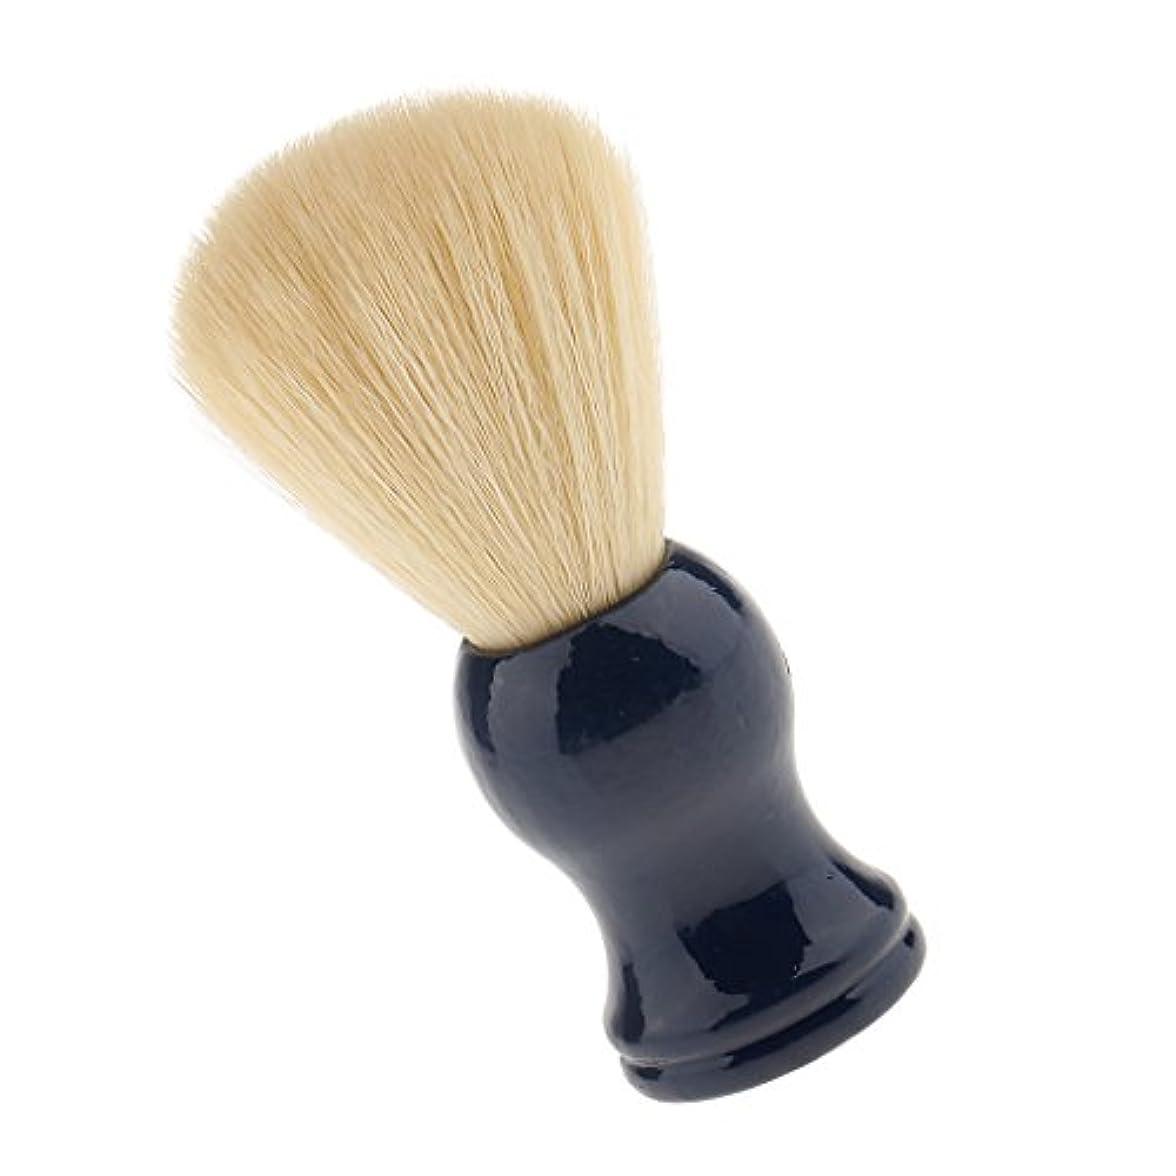 機密オーバーヘッド第四Kesoto シェービングブラシ 美容院用工具 理髪用 スキンケア サロン 便利グッズ ひげブラシ 首/顔 散髪整理  1点